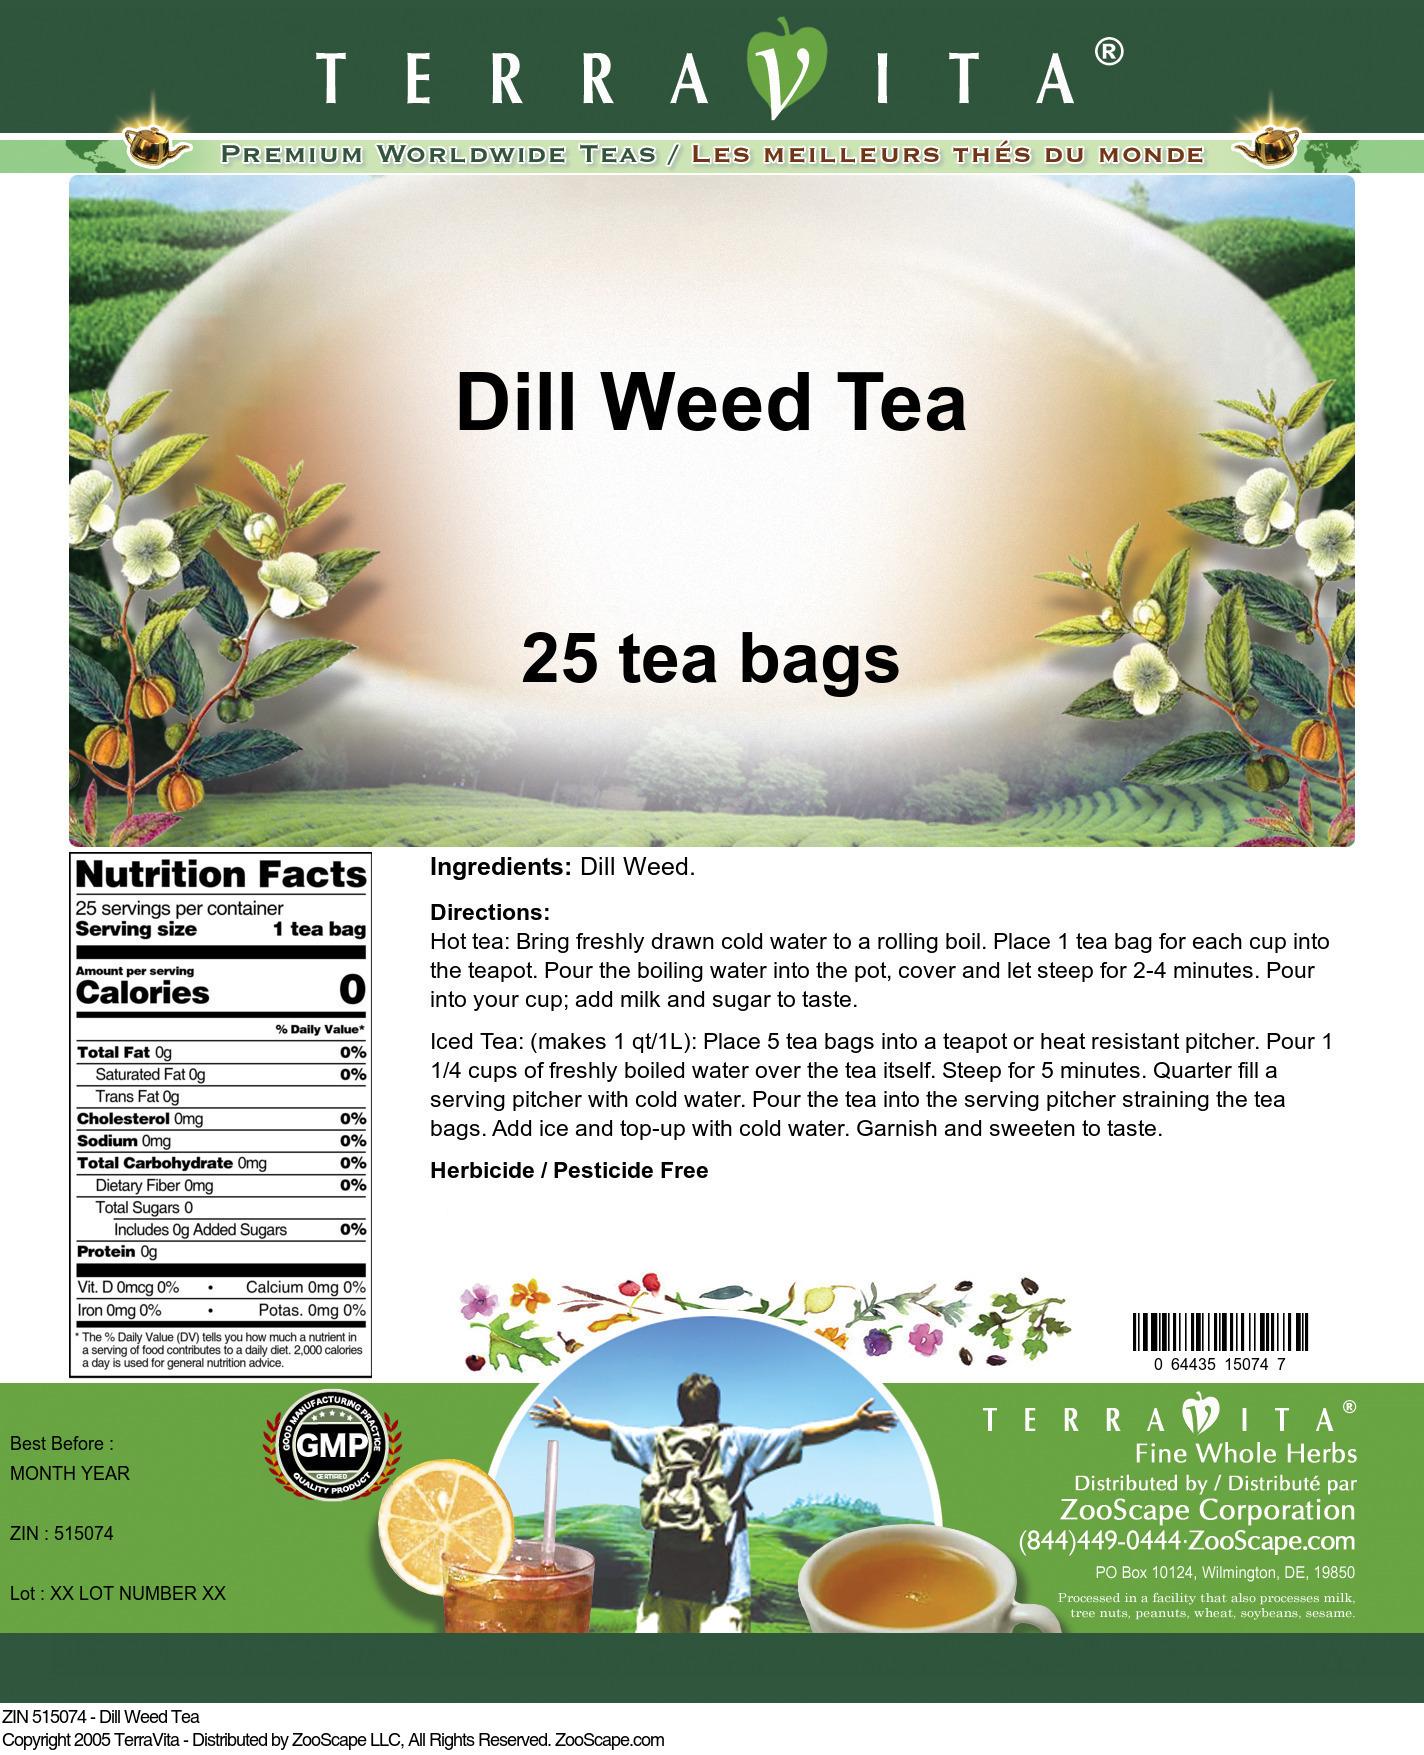 Dill Weed Tea